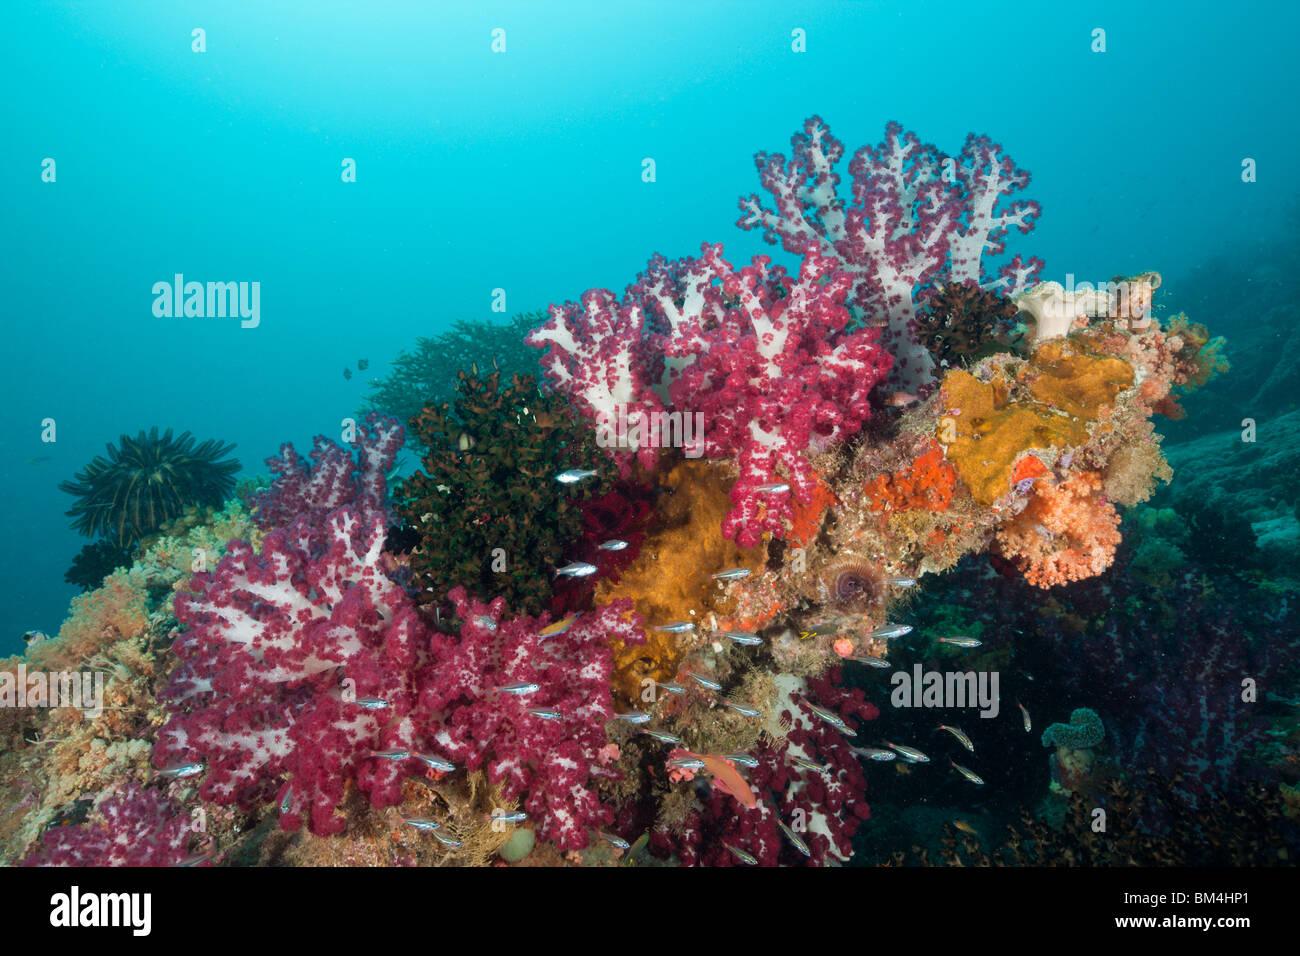 Rote Weichkorallen am Korallenriff, Dendronephthya SP., Raja Ampat, West Papua, Indonesien Stockbild